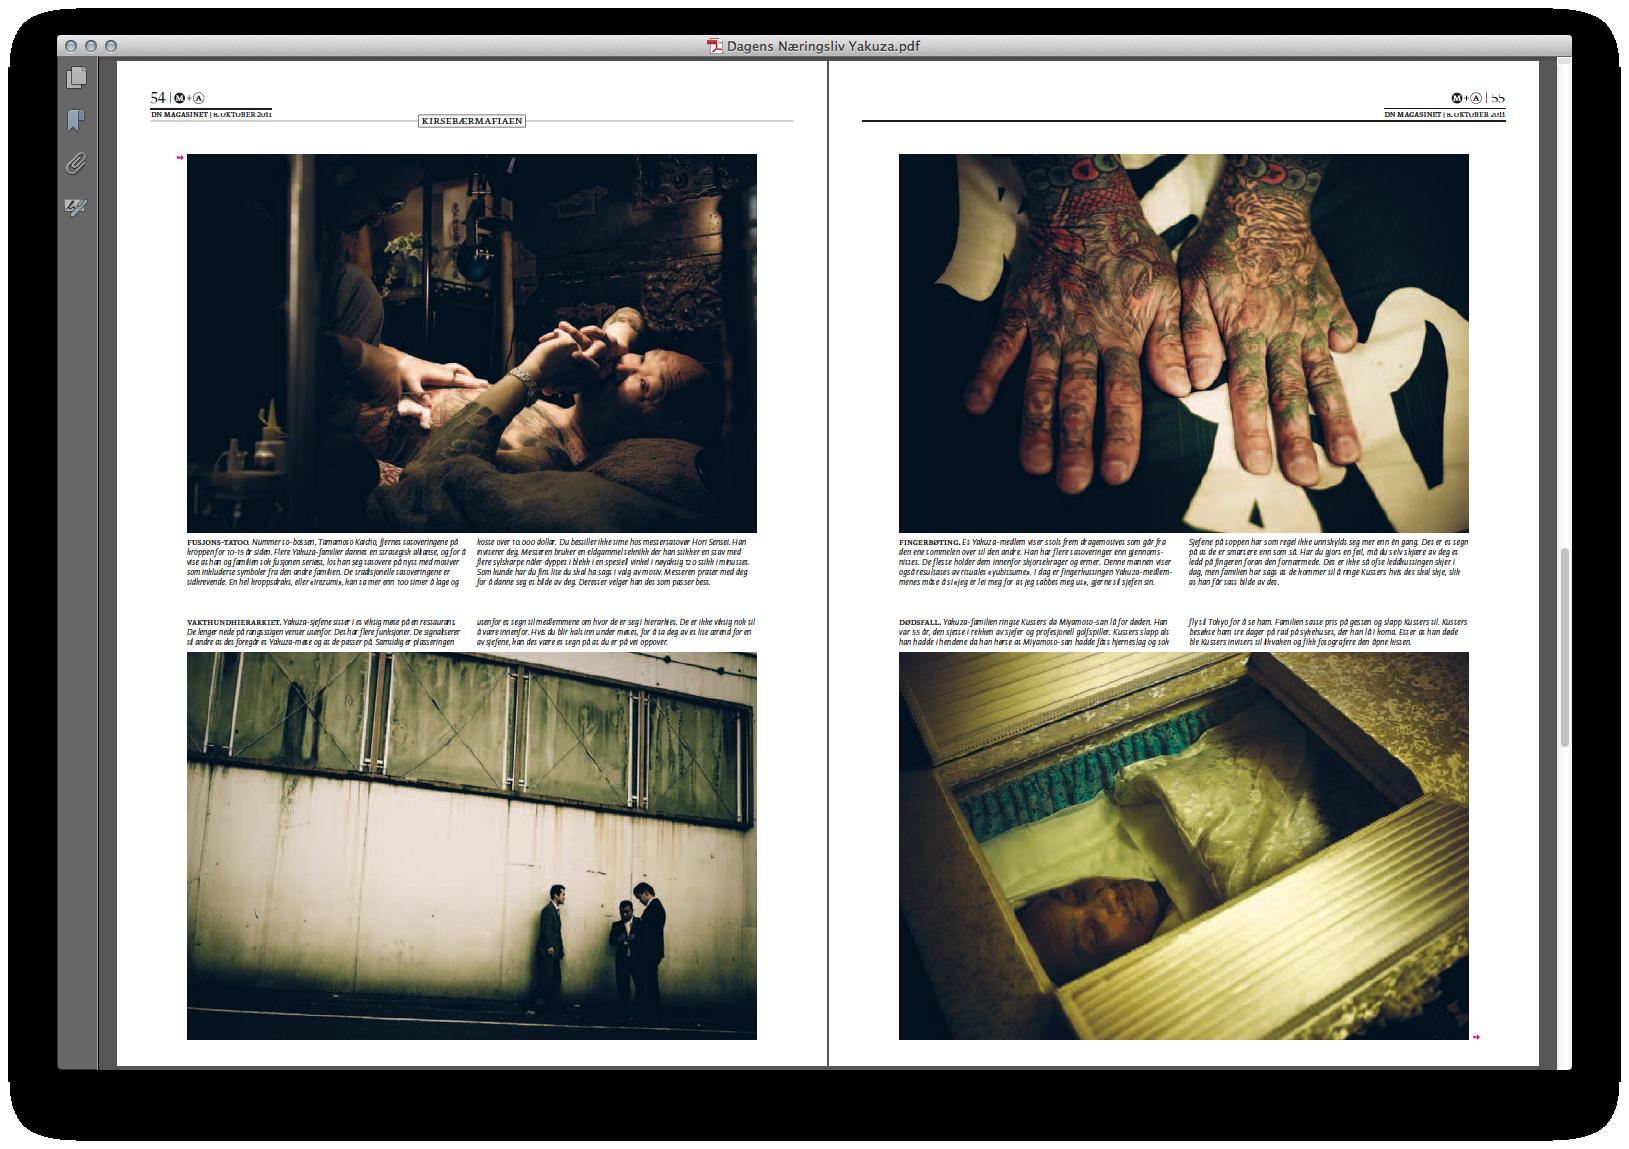 Screen-Shot-2012-02-12-at-14.44.46.png